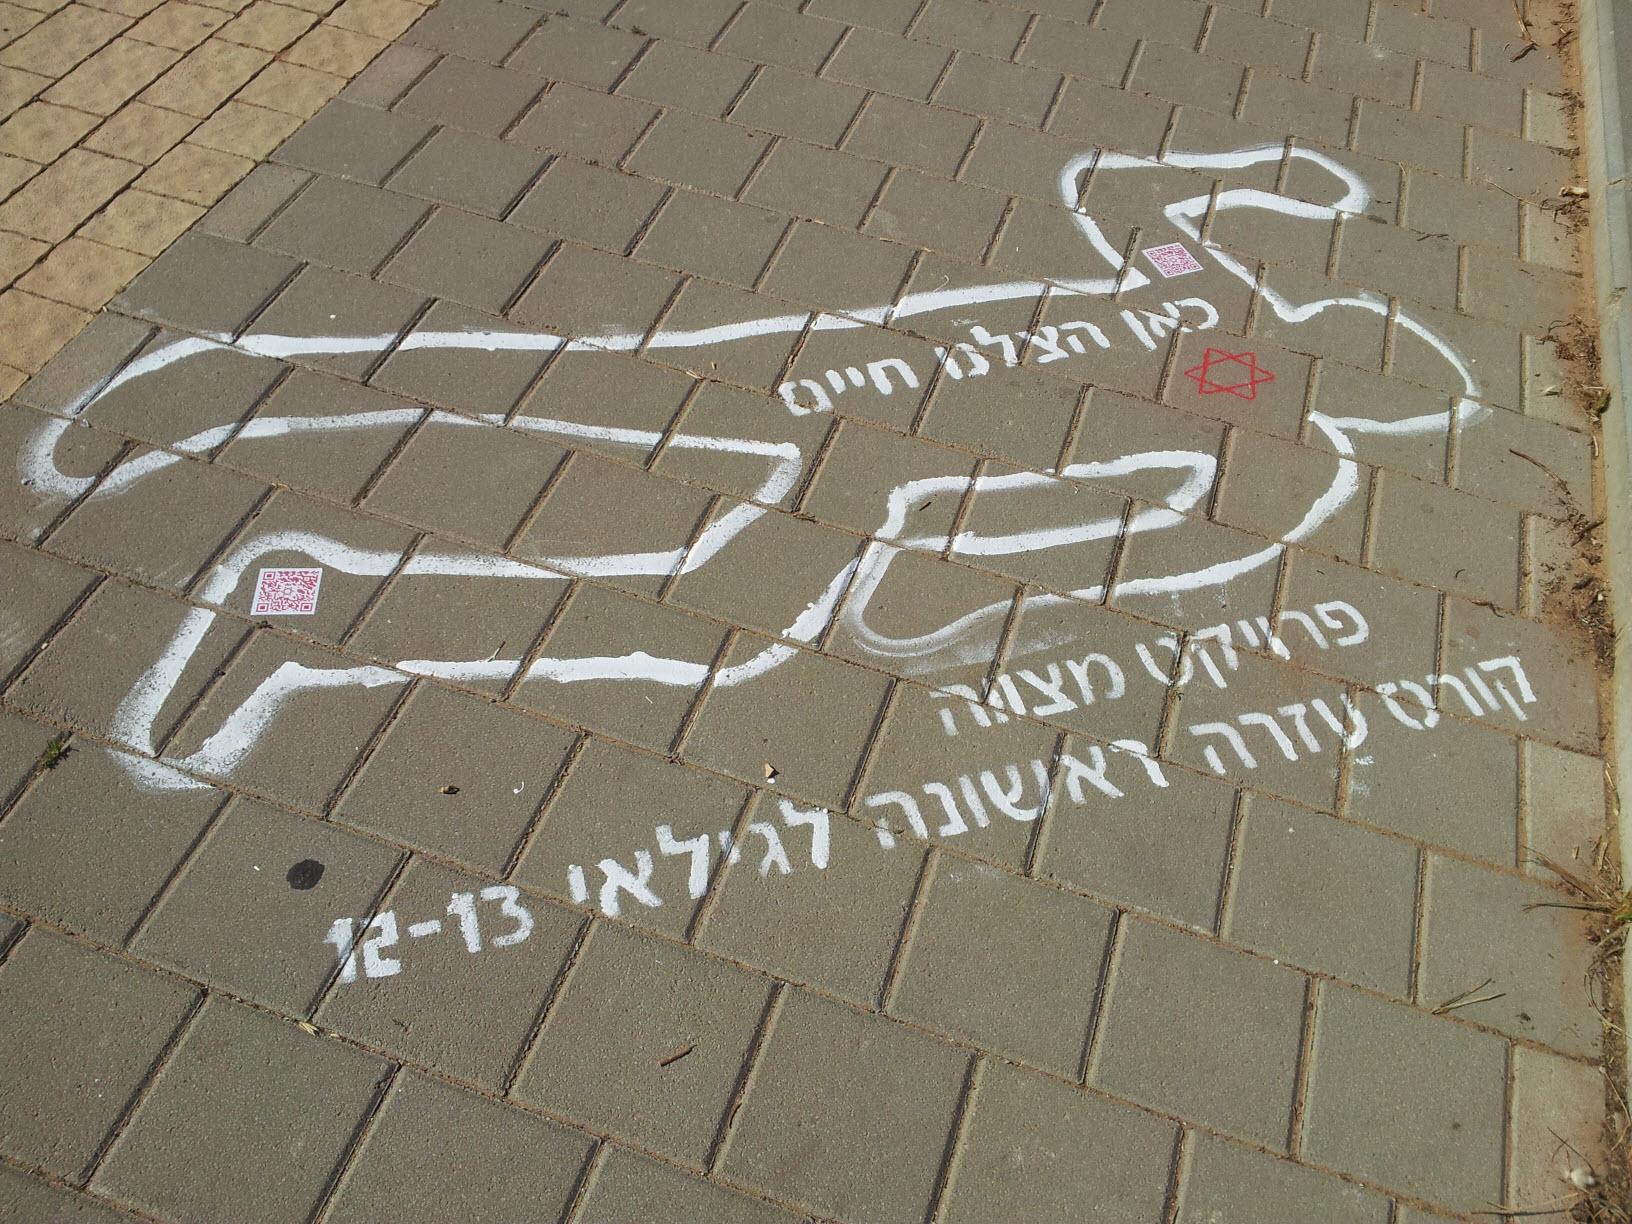 פרויקט מצווה - מגן דוד אדום וקבוצת סטודנטים מהבינתחומי בקמפיין מדרכות - כאן הצלנו חיים